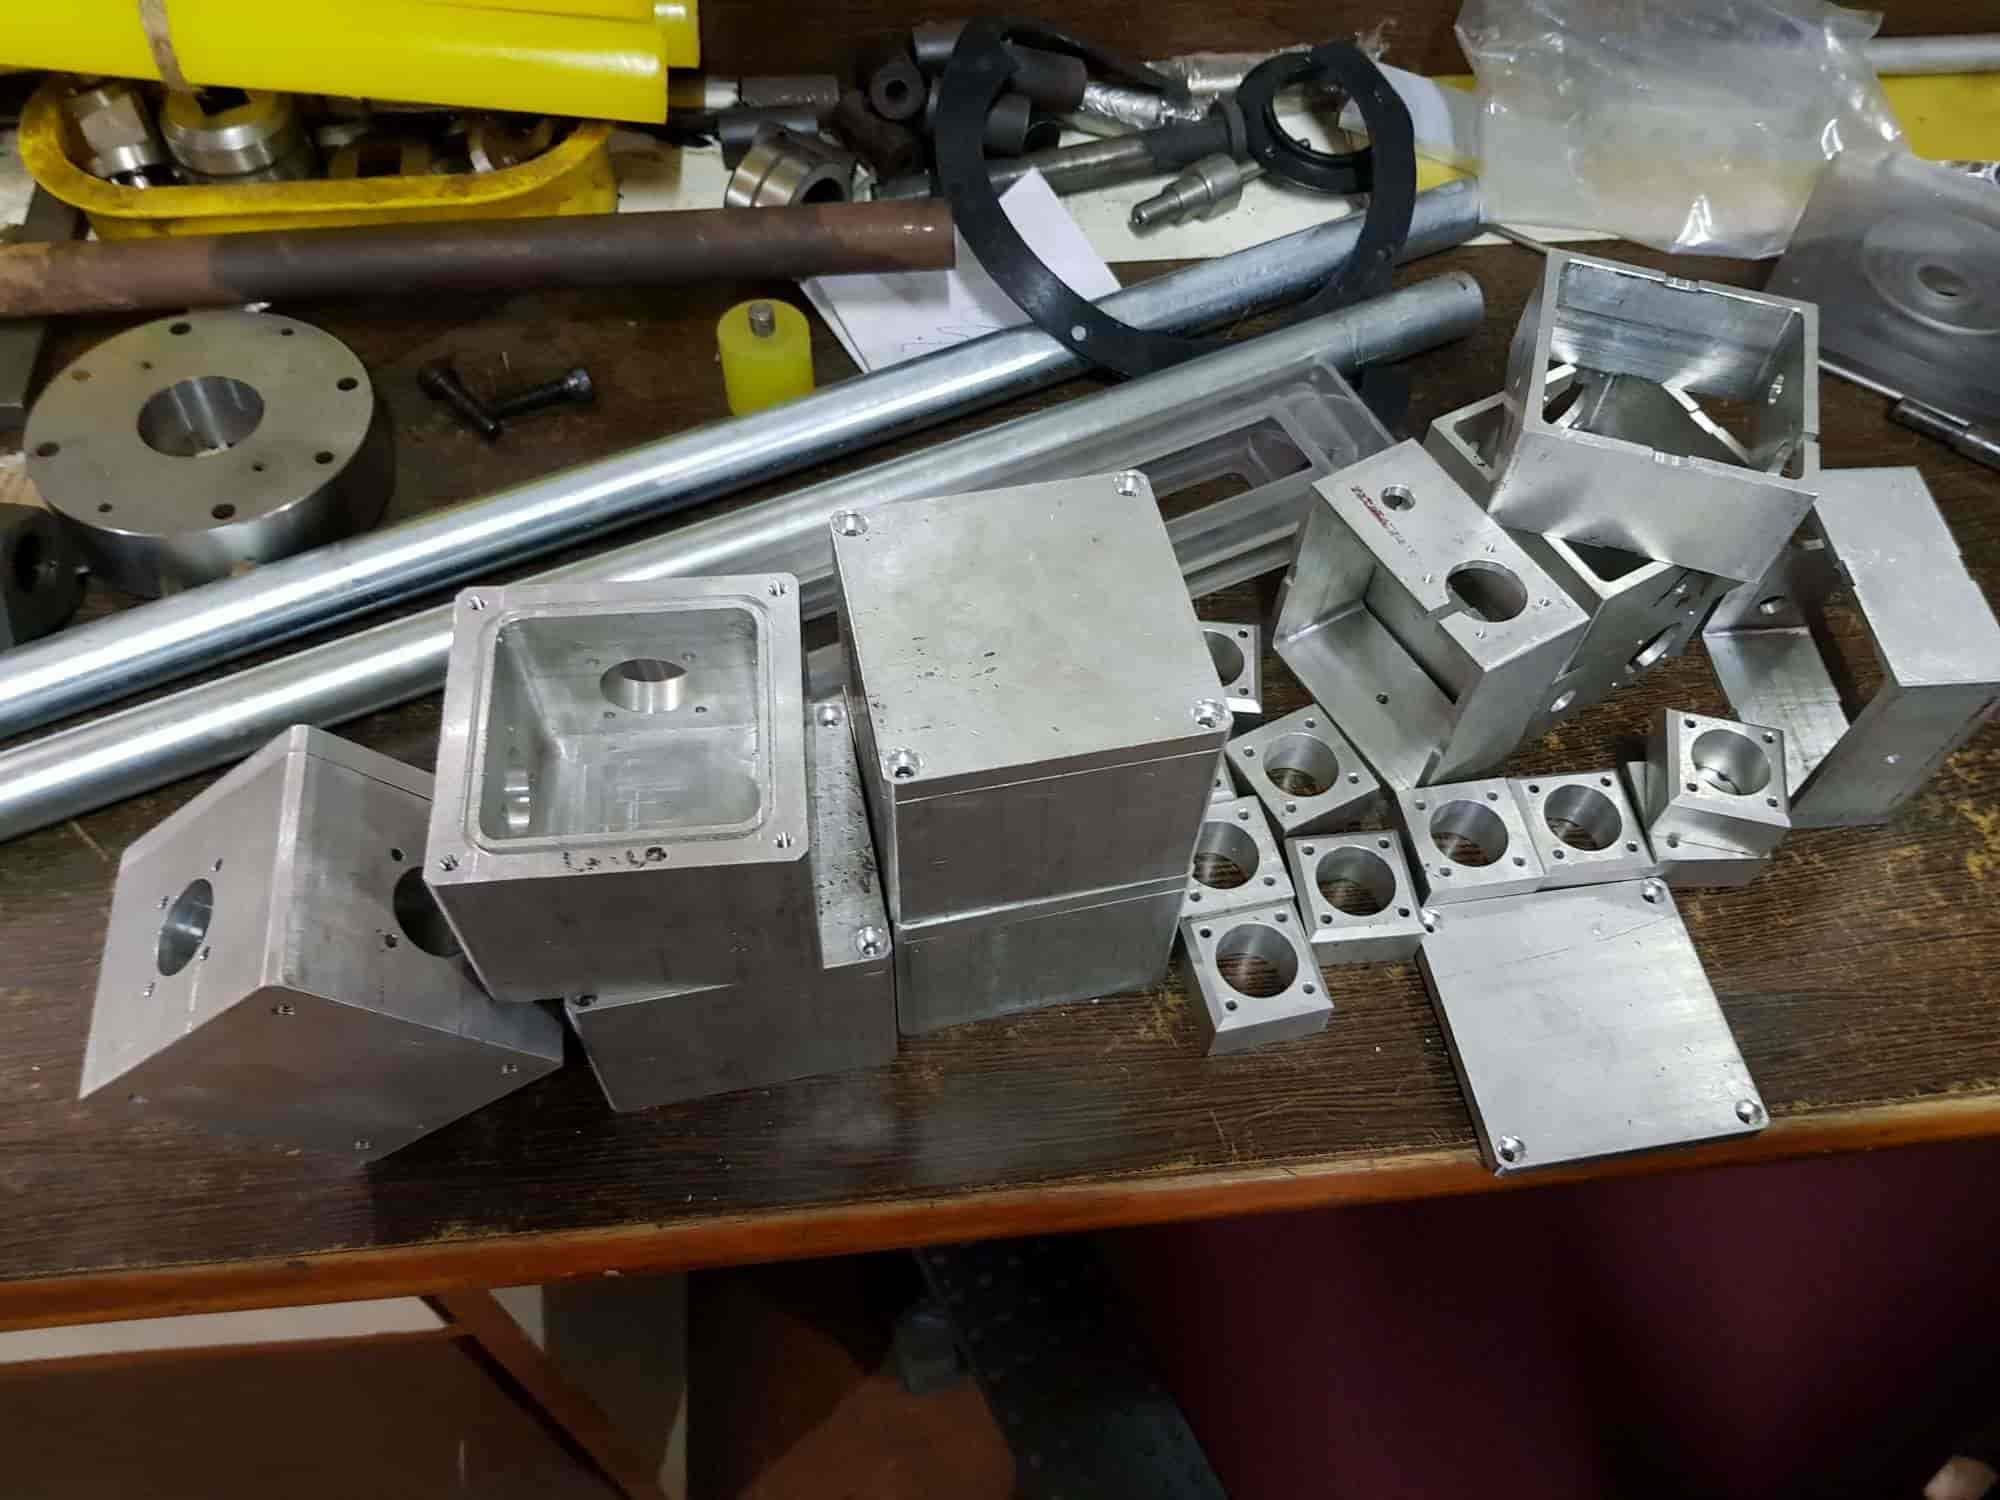 Super Tools & Dies, Rabale - CNC Job Works in Navi Mumbai